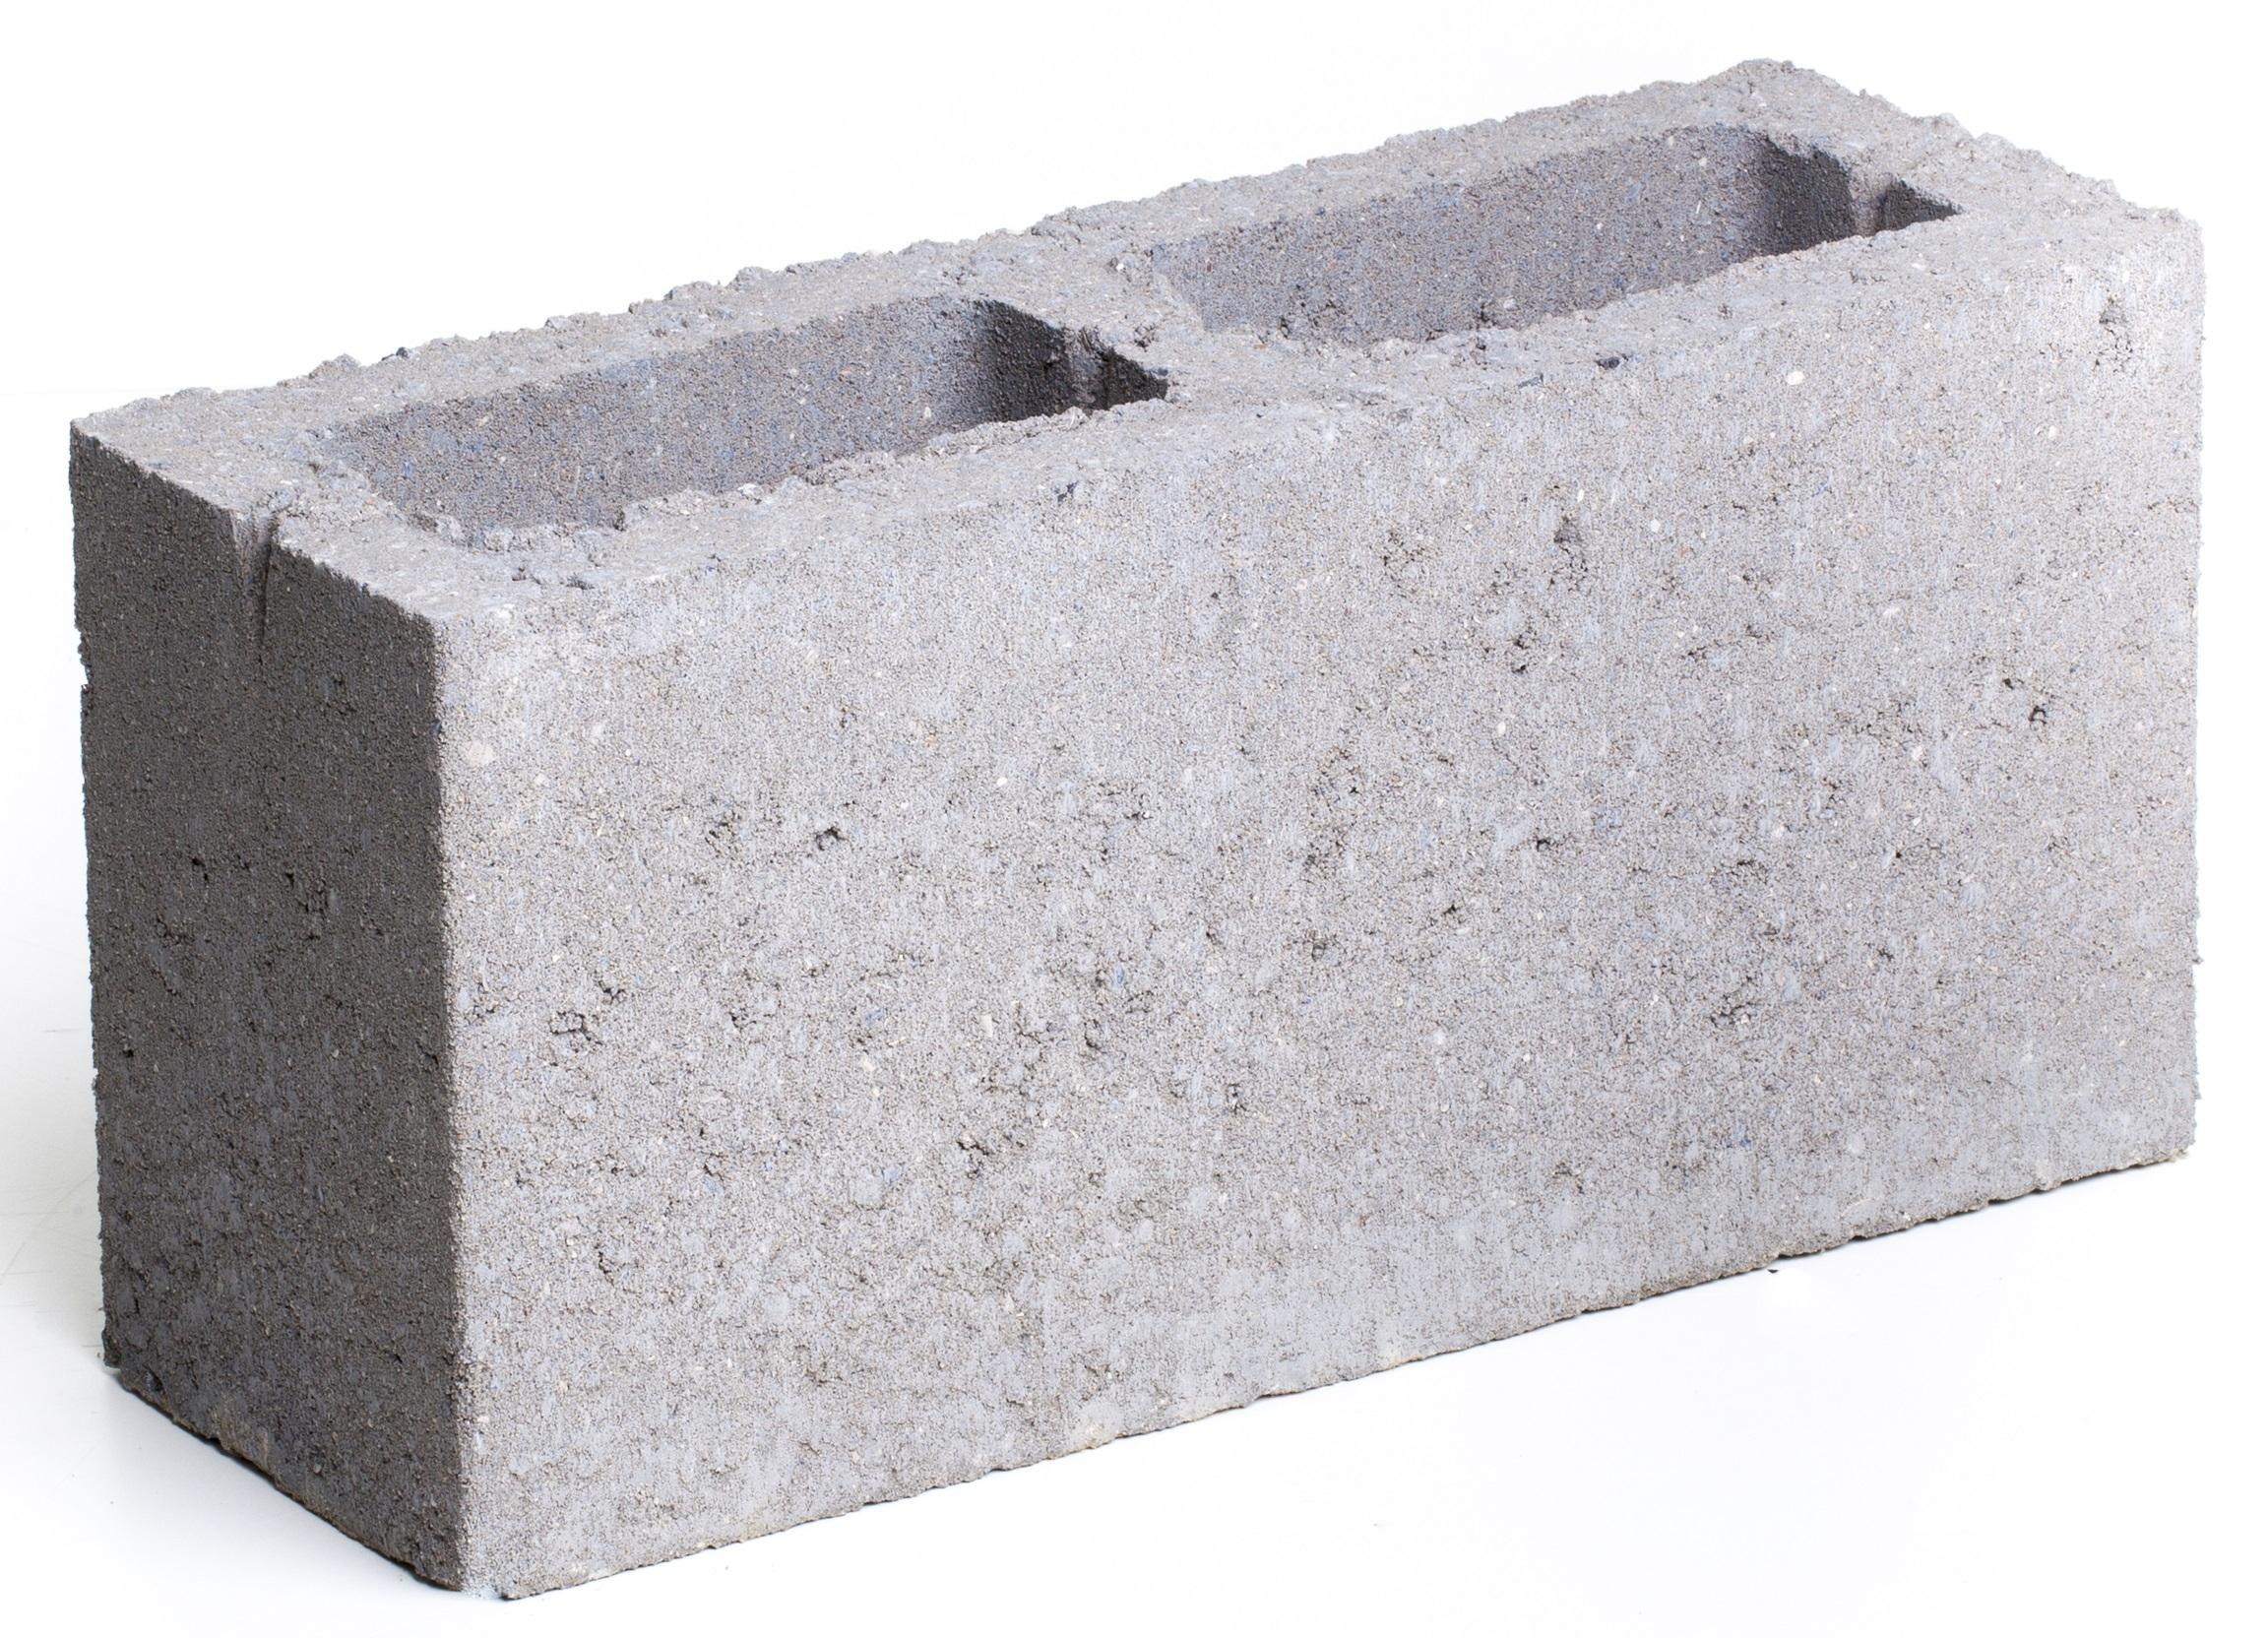 Terrasse En Palette Duree De Vie palette 80 blocs de béton creux certifiés benor 39 x 14 x 19 cm (livraison  à domicile) - mr.bricolage